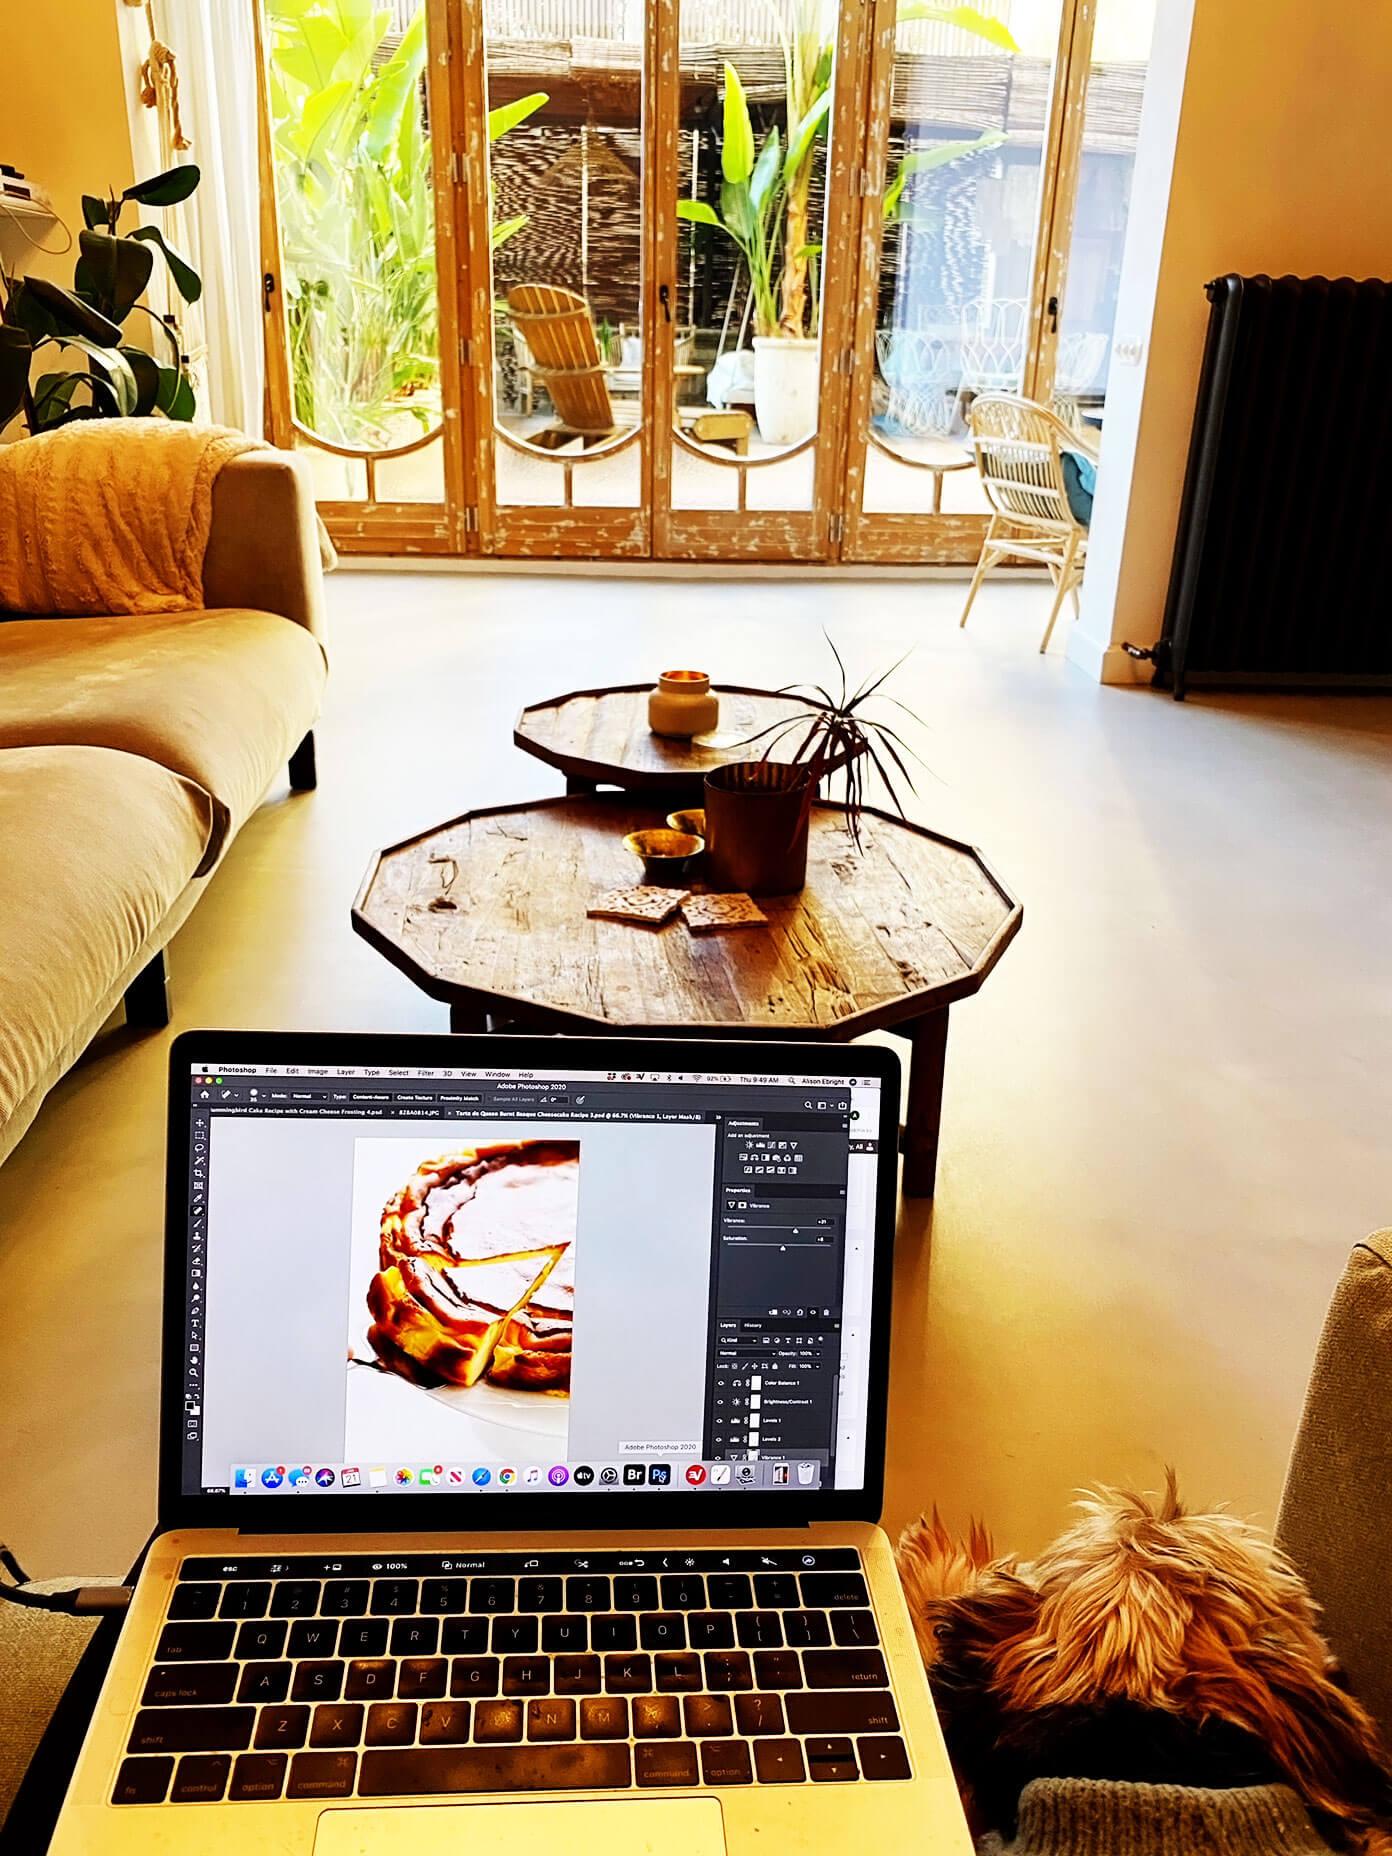 Editing food blog photos